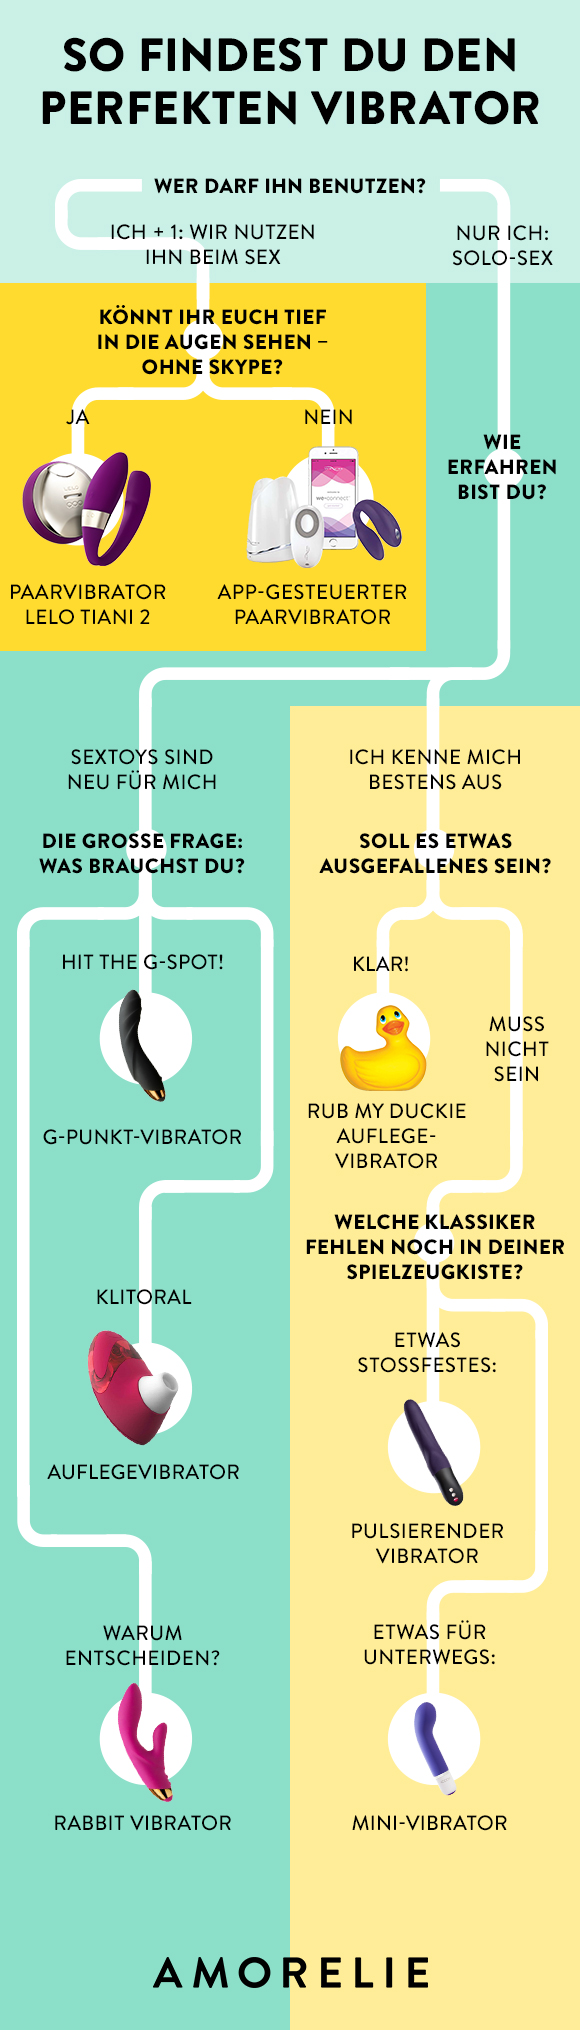 Finde den Vibrator, der perfekt zu Dir passt! Infografik